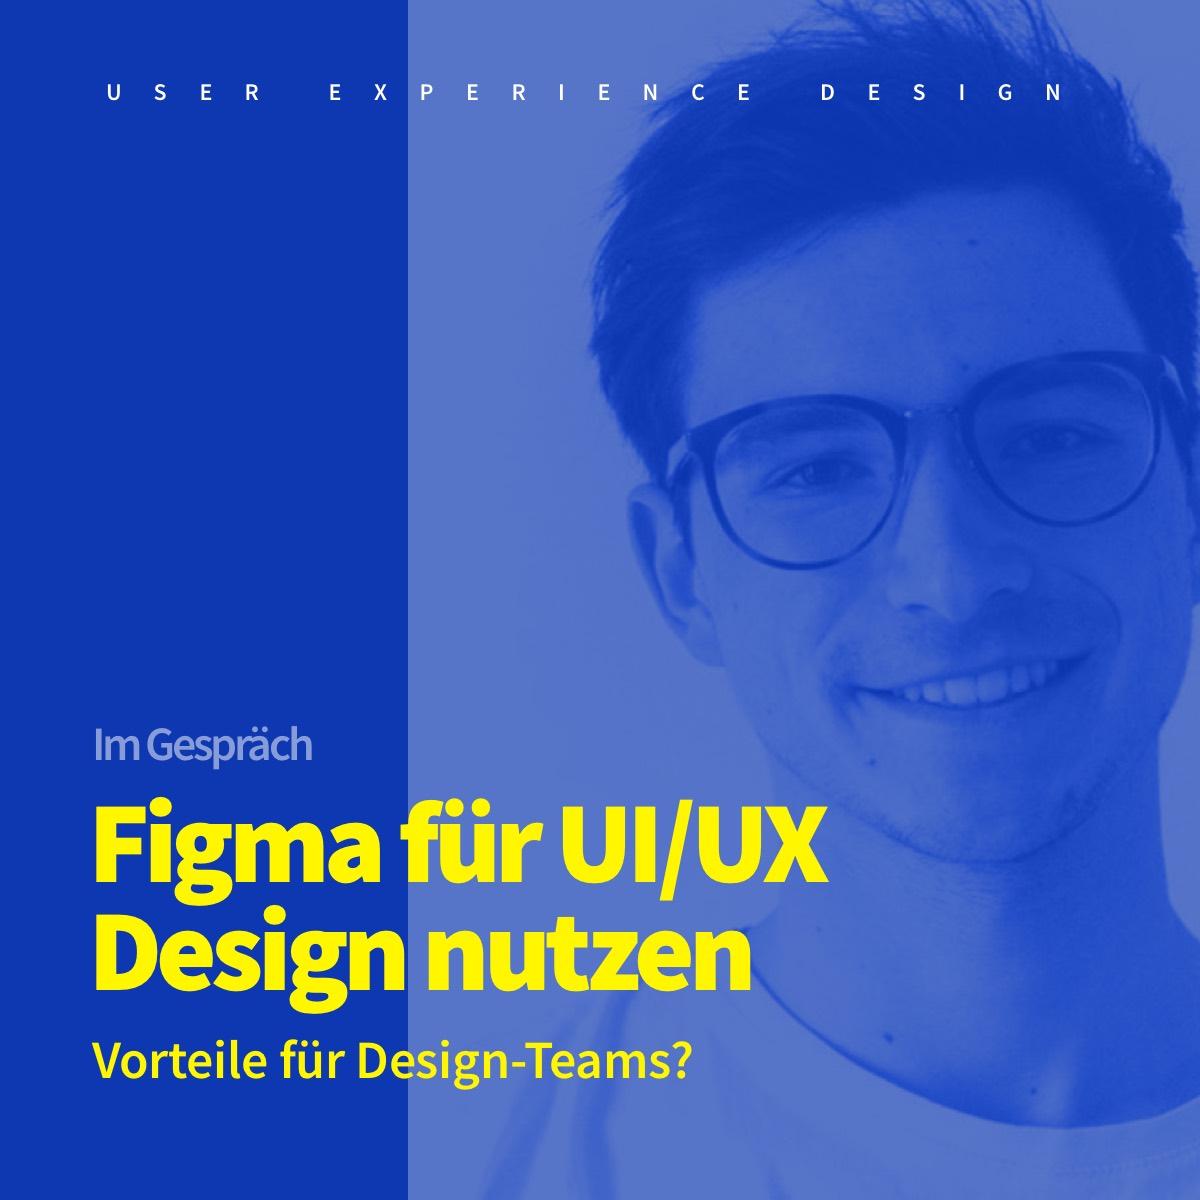 Figma für UI/UX Design nutzen? Erfahrung & Vergleich zu Sketch!